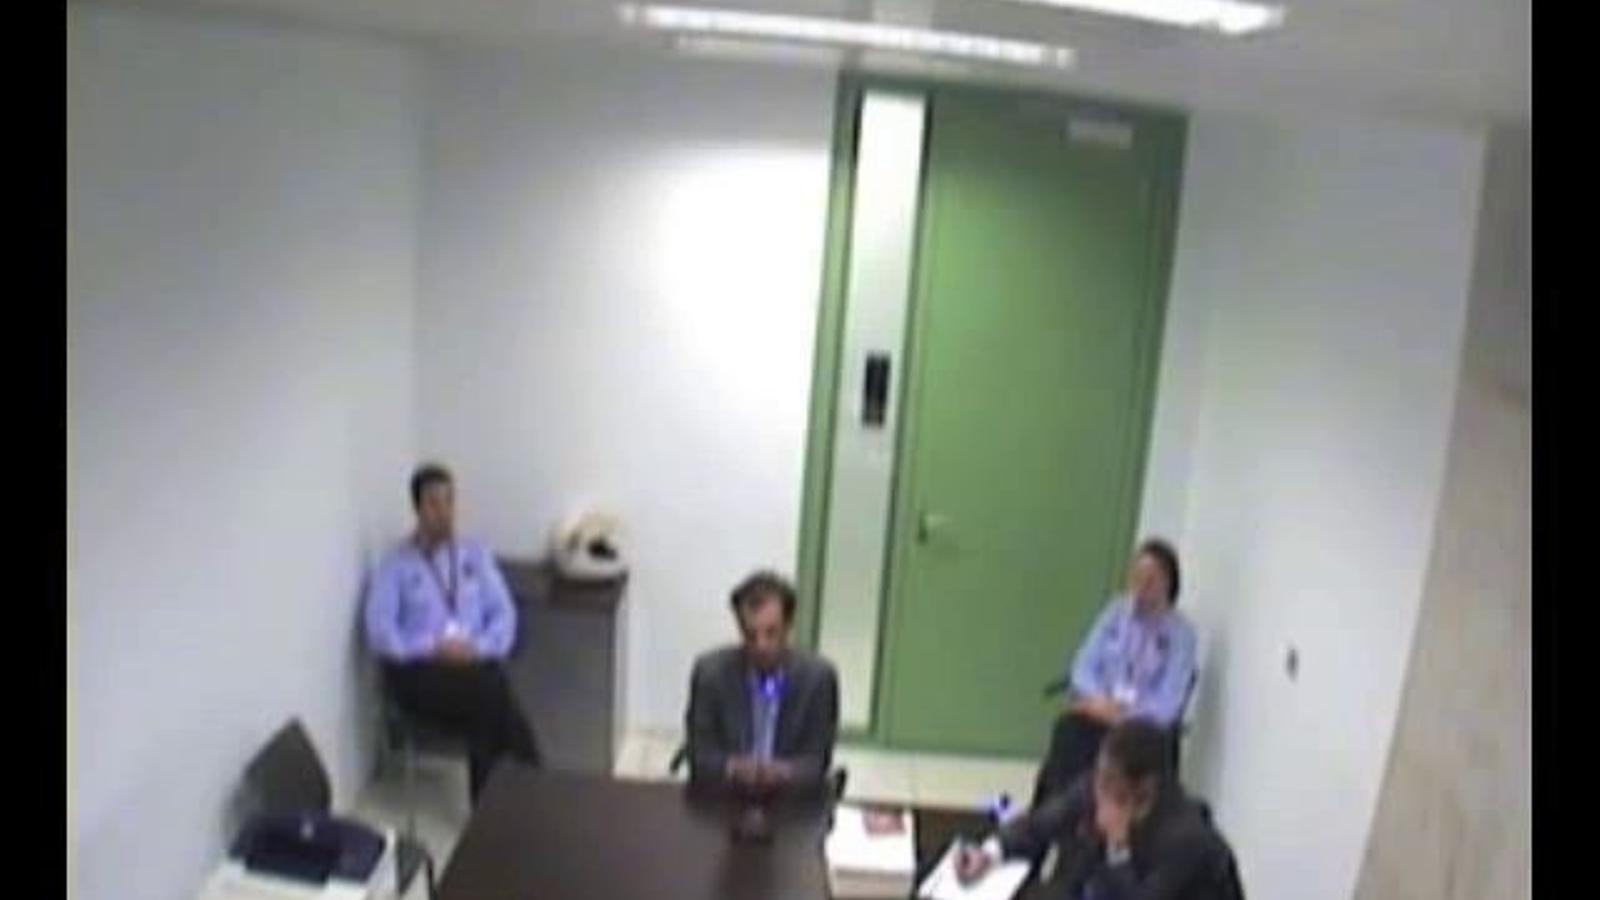 El director de Método 3 al jutjat: El que és obvi és que algú que participava en aquell dinar n'havia informat, perquè no som mags